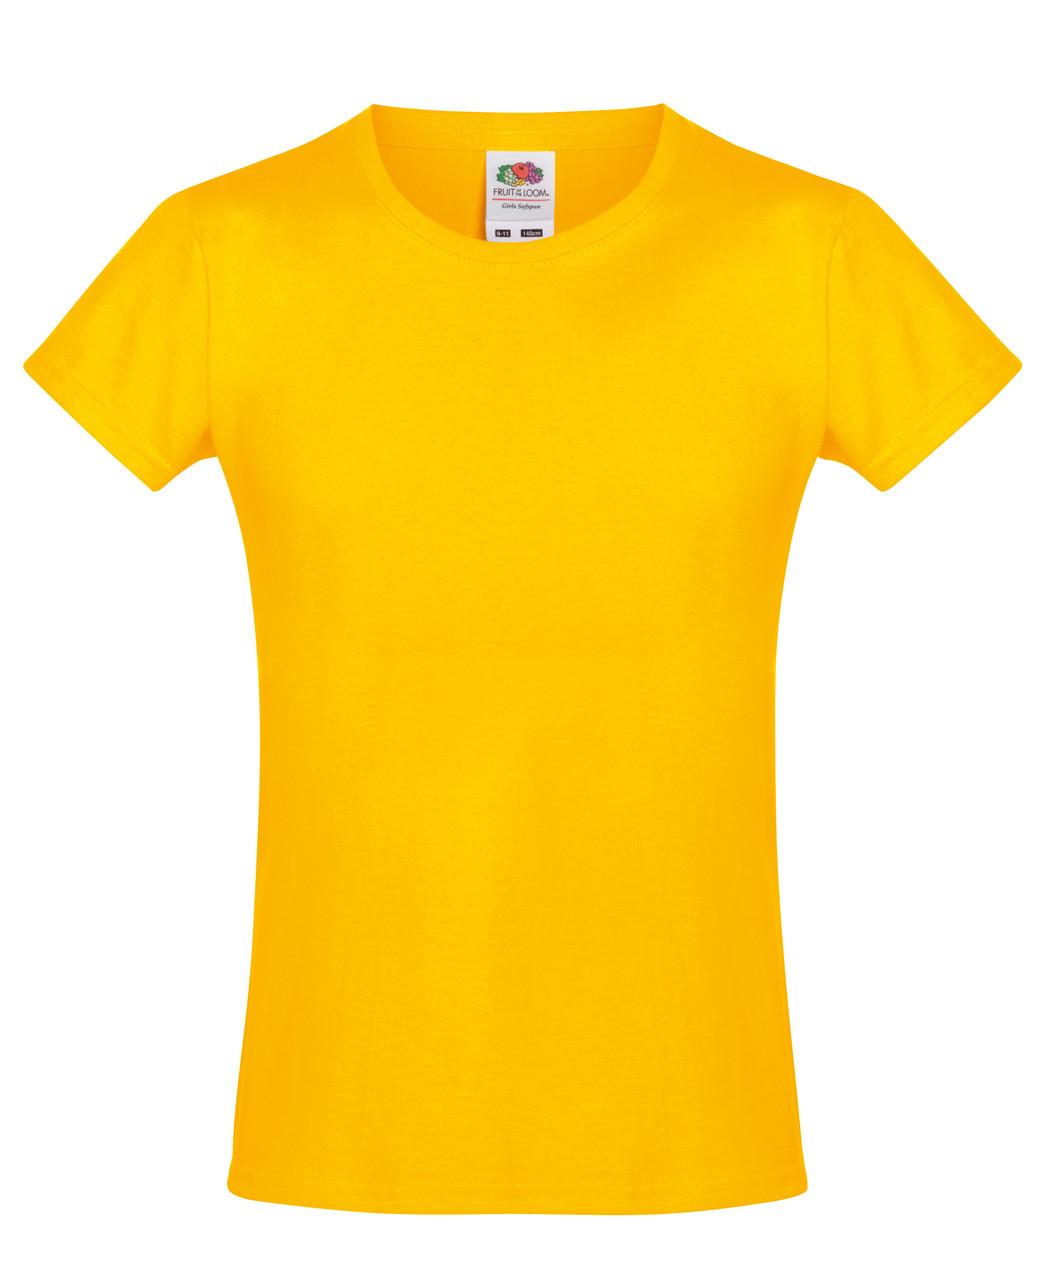 Детская футболка Мягкая для Девочек Солнечно-жёлтая Fruit of the loom 61-017-34 9-11